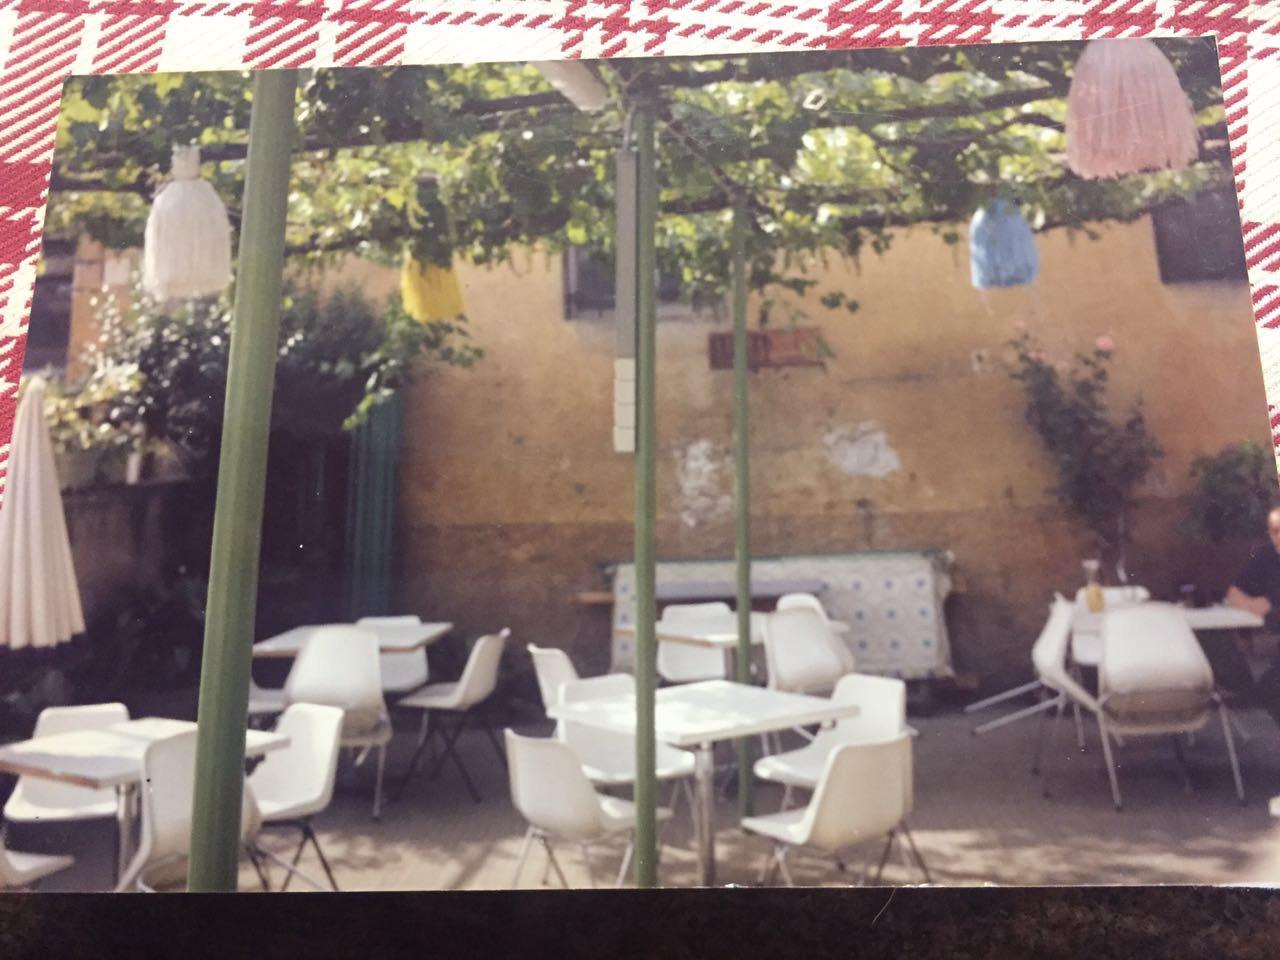 Giardino interno ristorante dal cordaro - Giardino interno ...